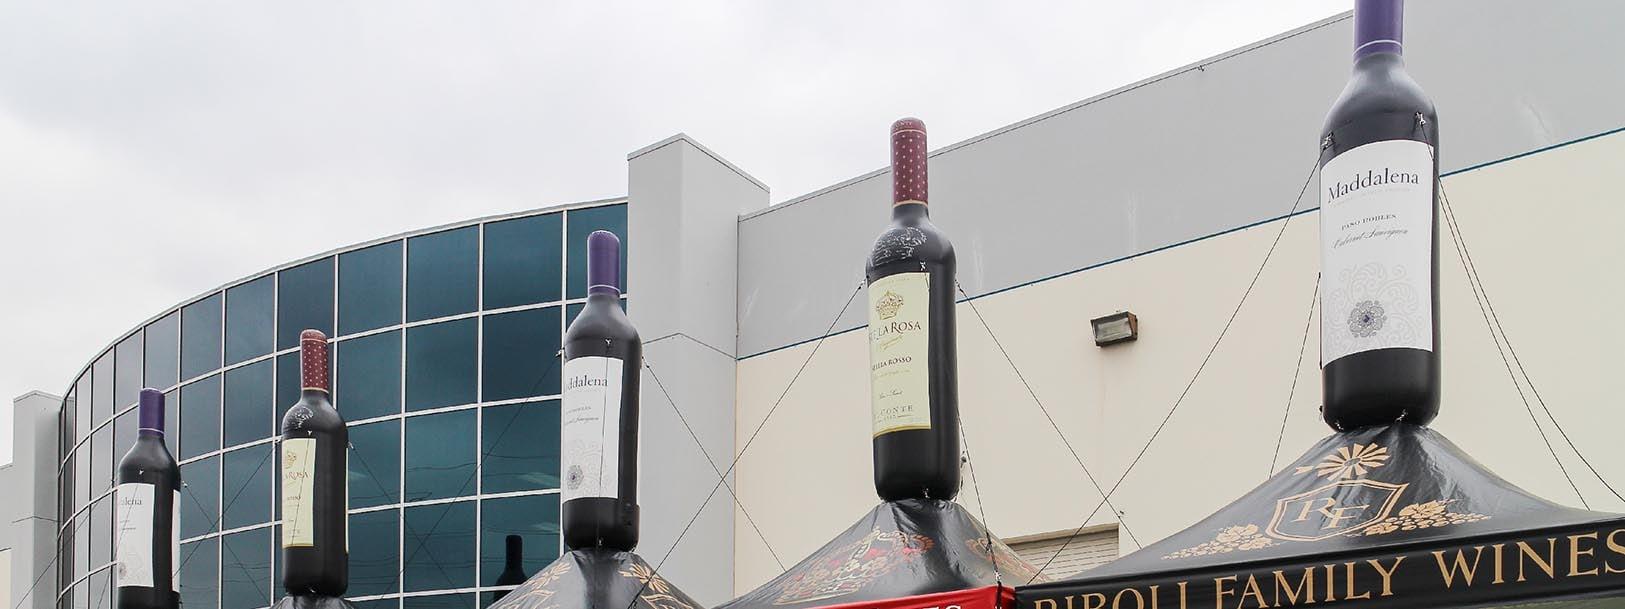 Stella-rosa-inflatable-bottles.jpg